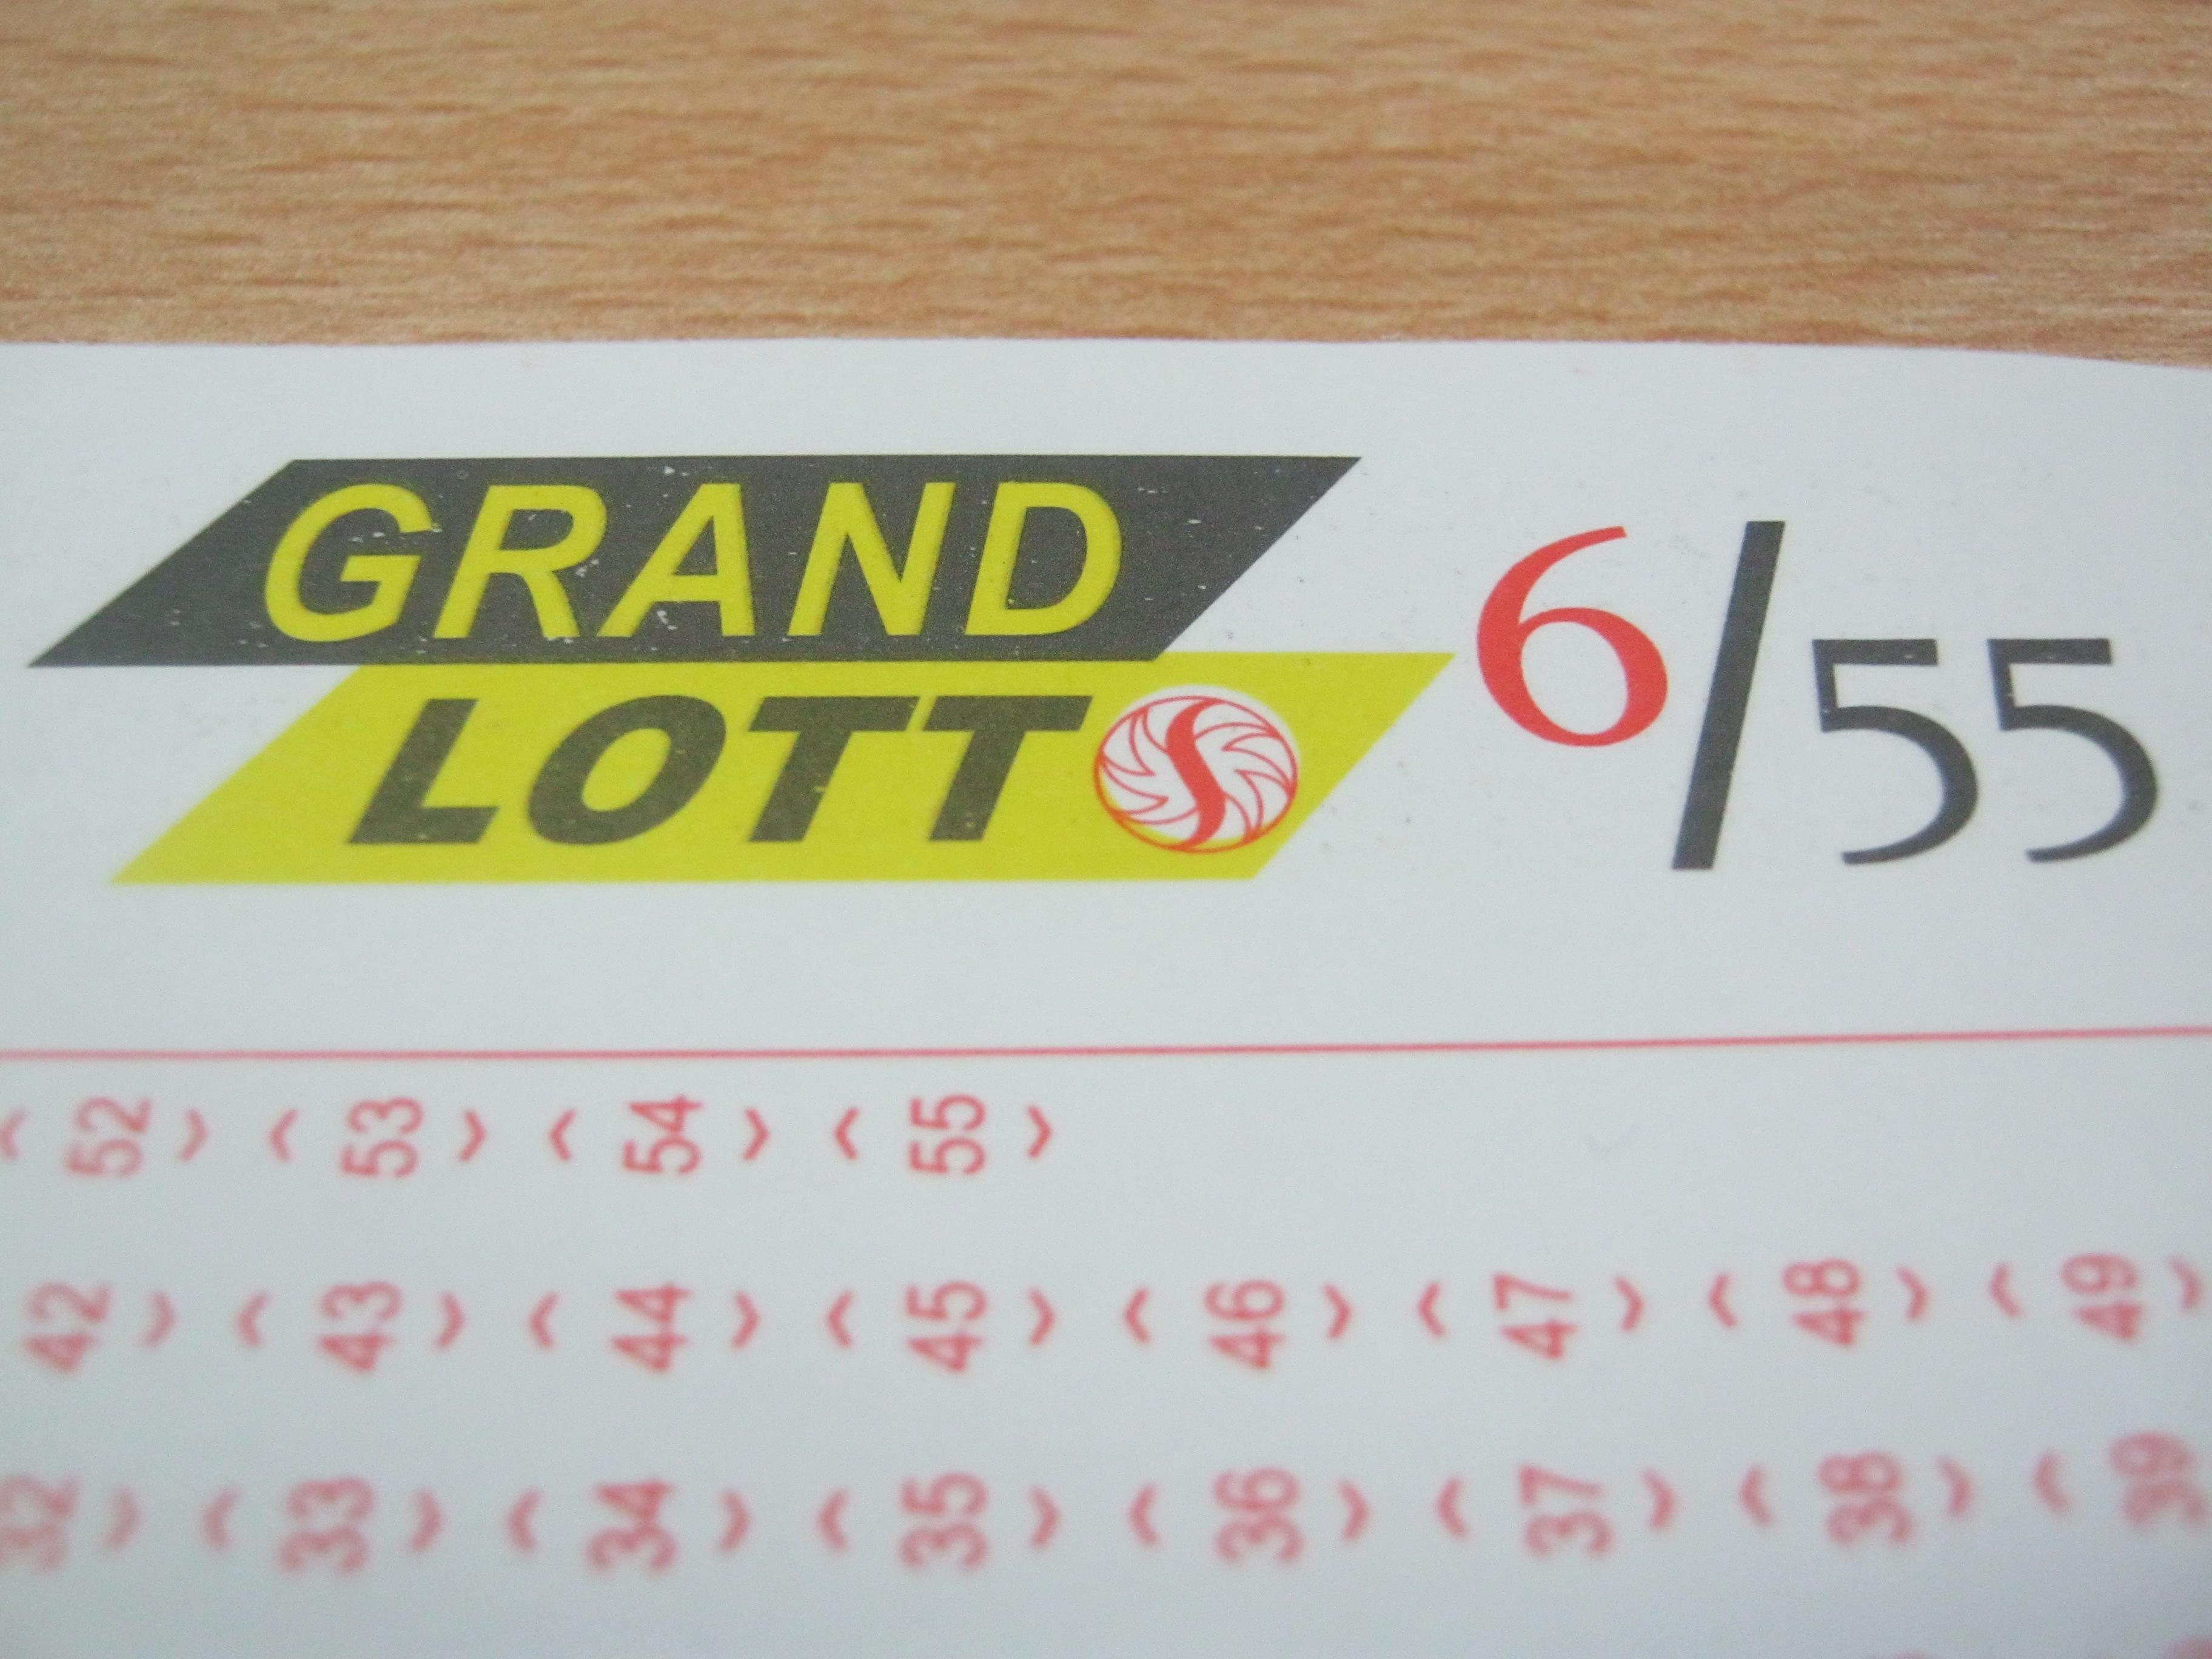 Grand lotto live